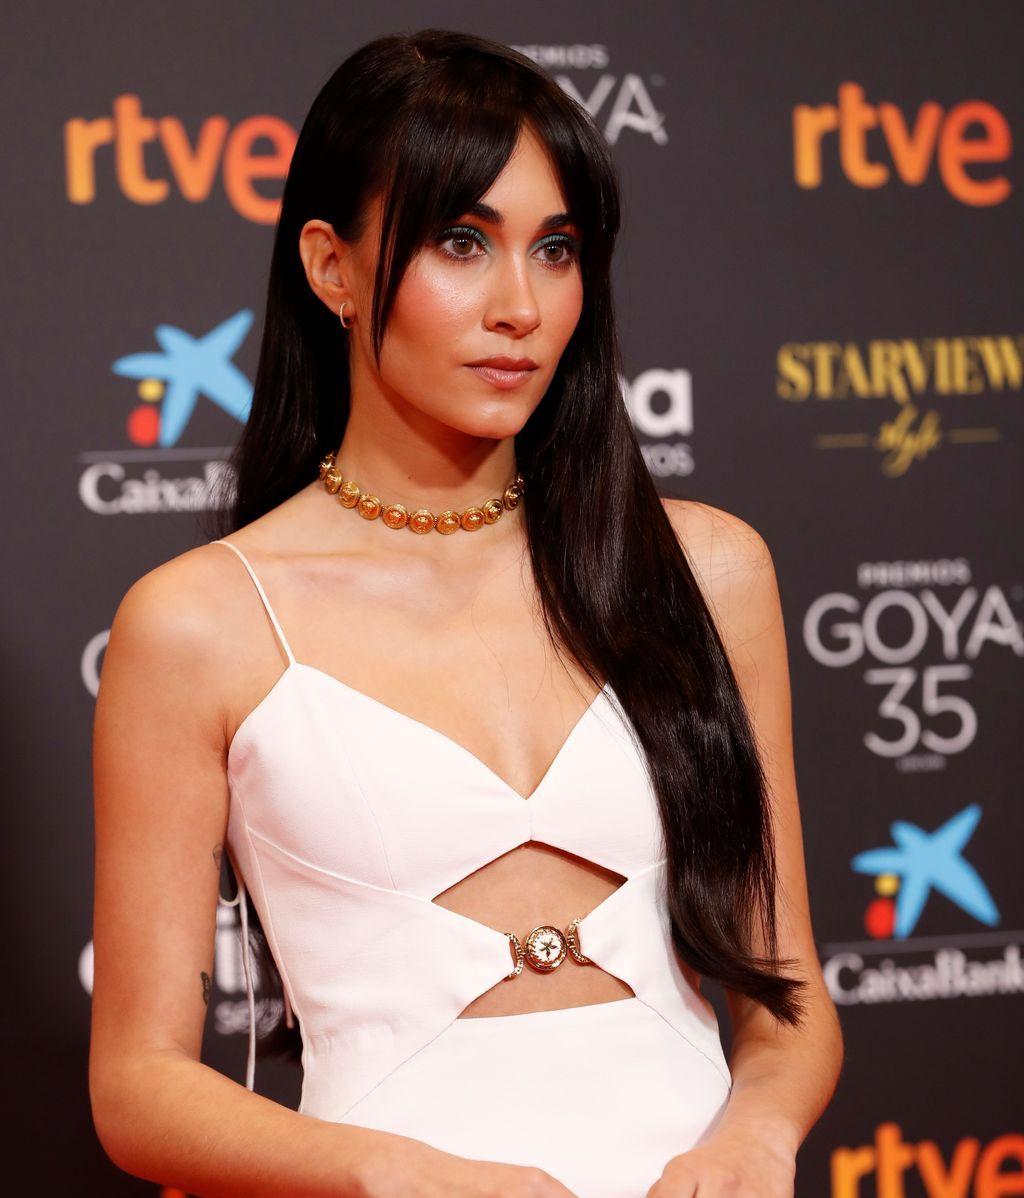 La cantante Aitana en la alfombra roja de los Premios Goya 2021